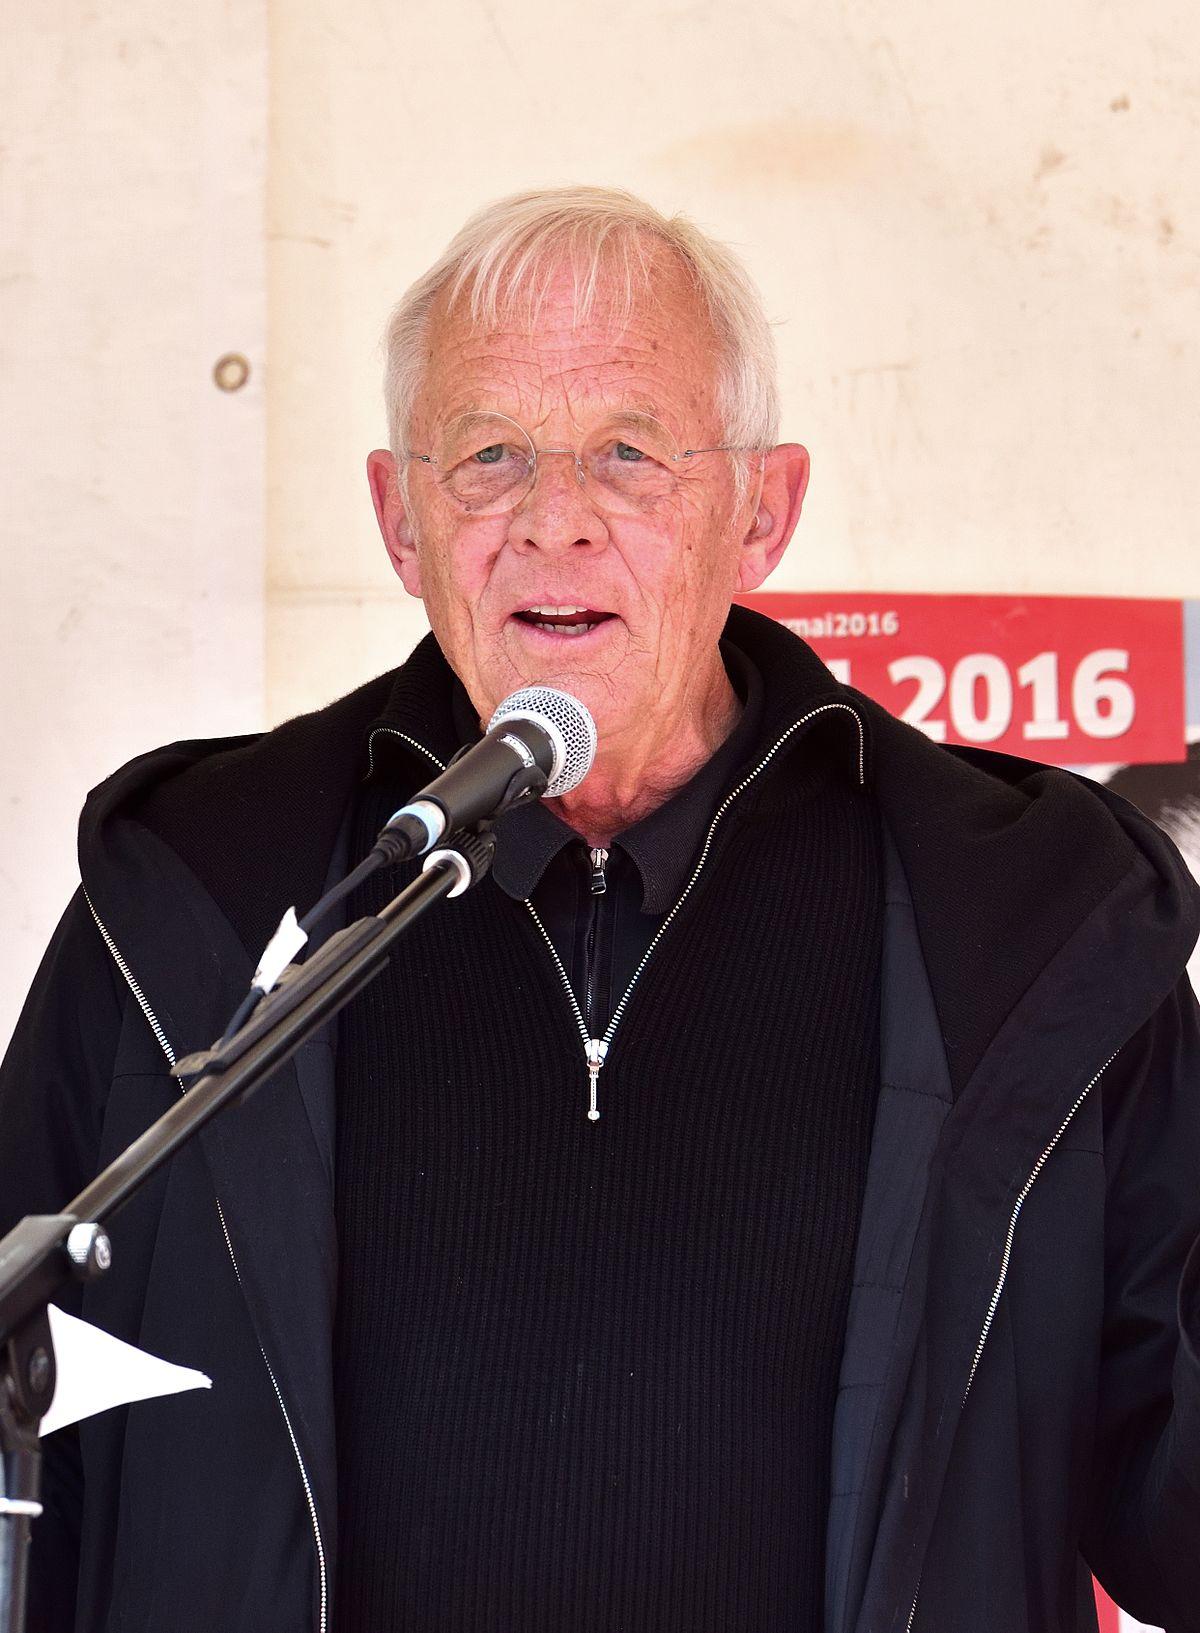 Rolf Becker Schauspieler  Wikipedia